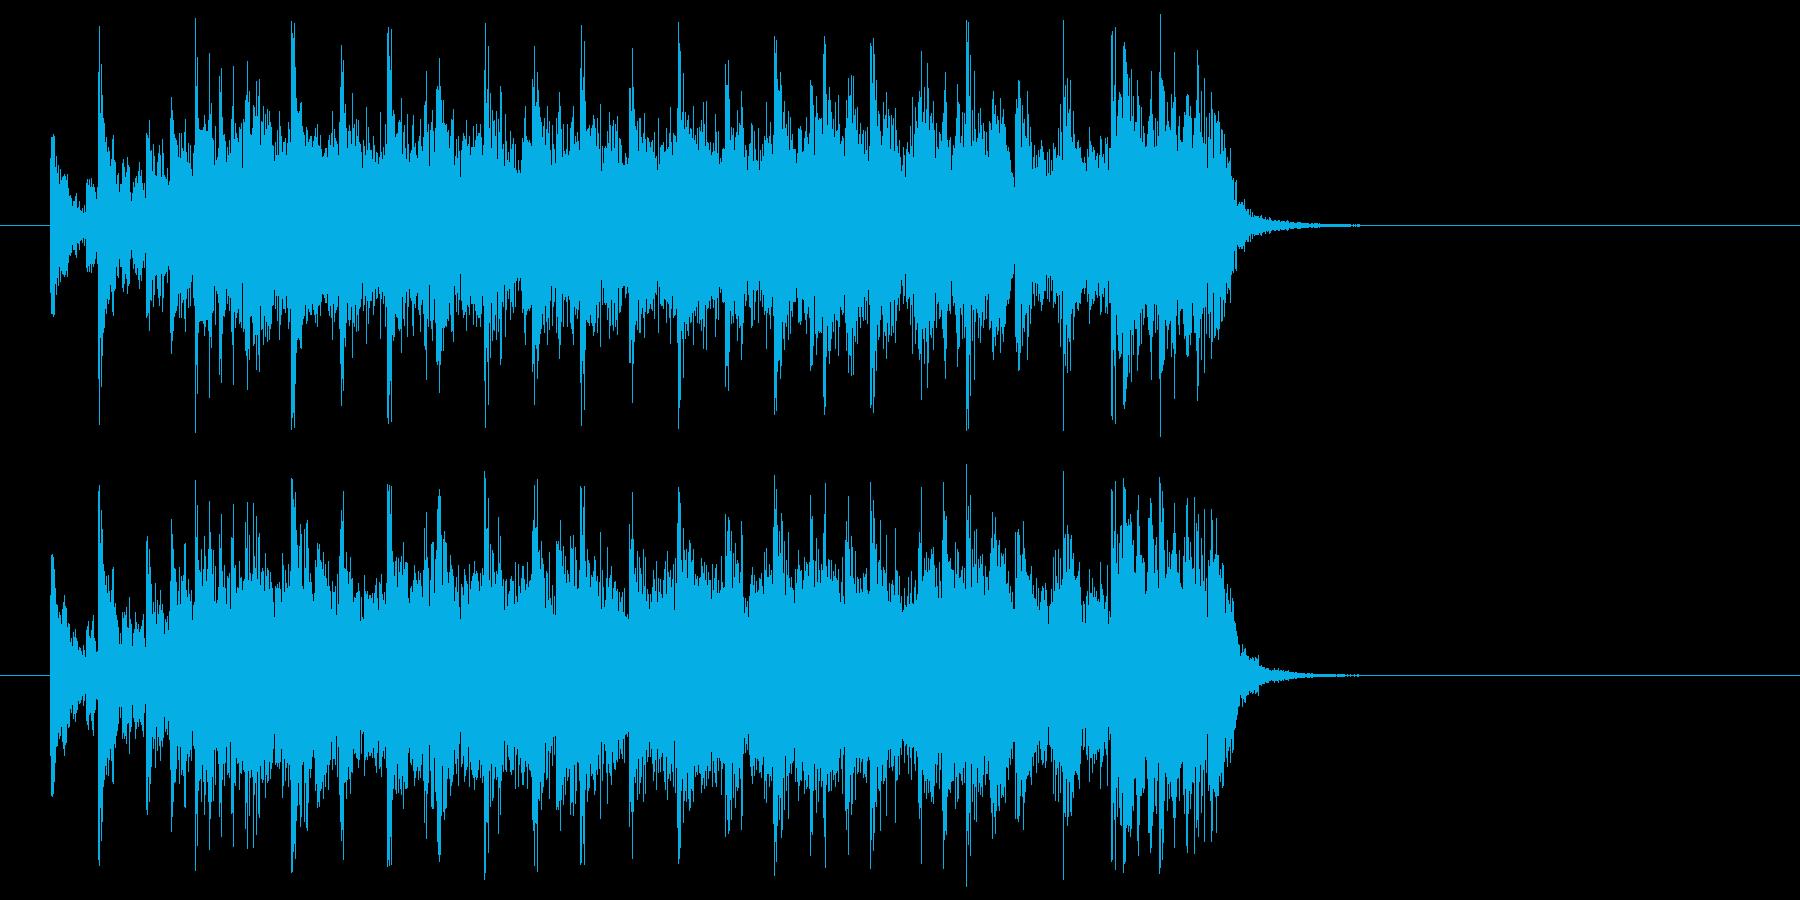 ジングル(ディスコ風)の再生済みの波形